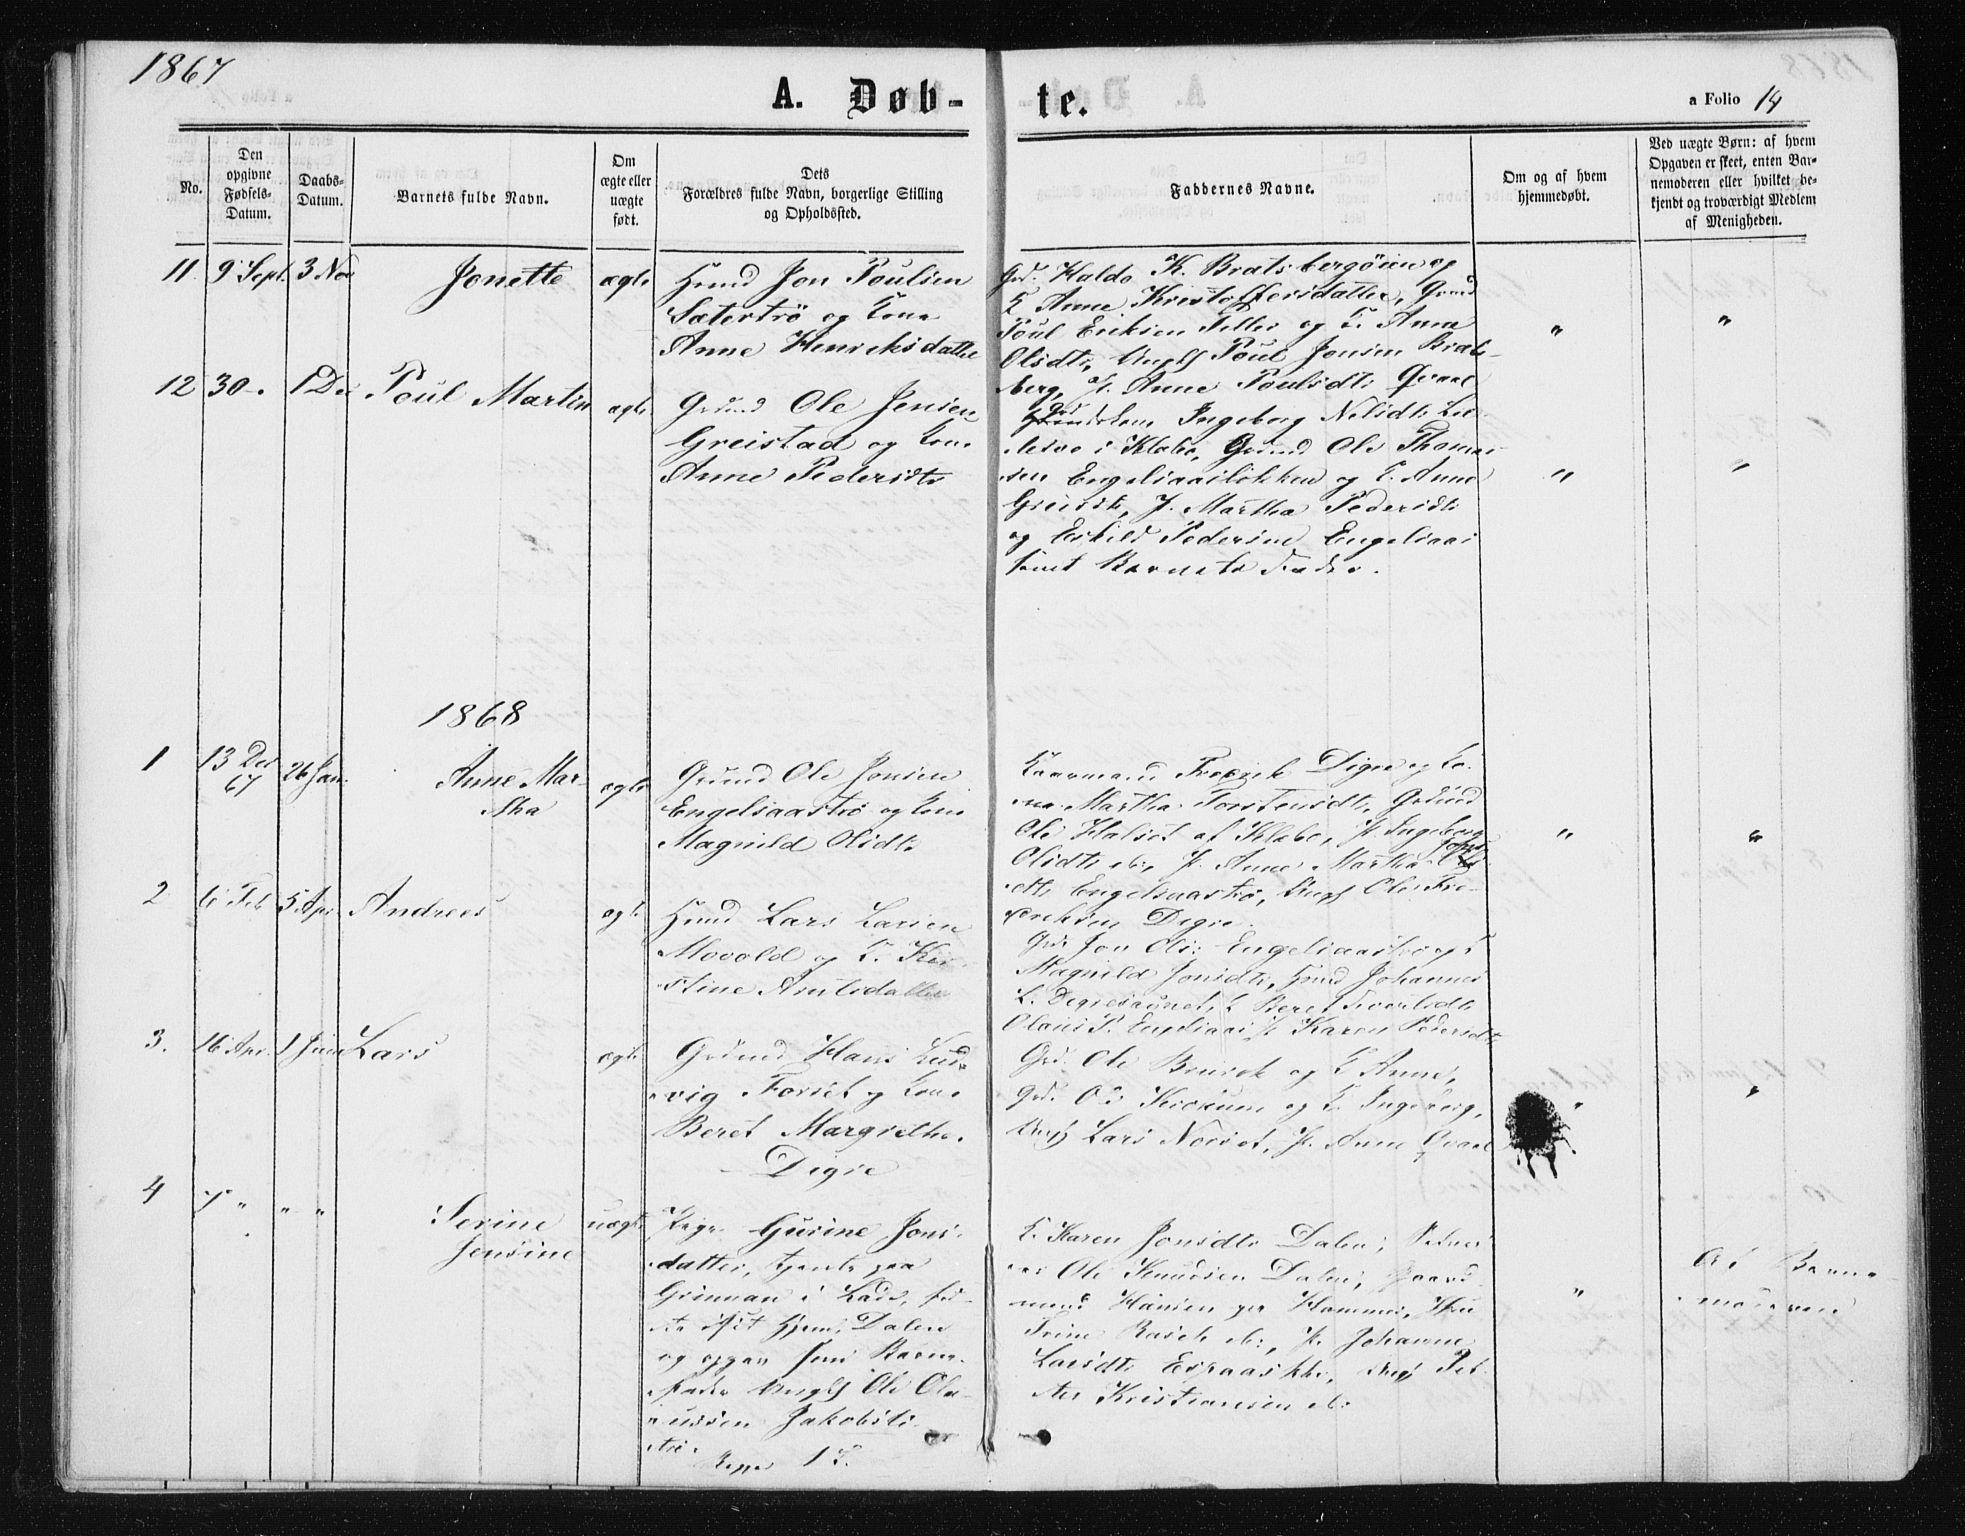 SAT, Ministerialprotokoller, klokkerbøker og fødselsregistre - Sør-Trøndelag, 608/L0333: Ministerialbok nr. 608A02, 1862-1876, s. 14